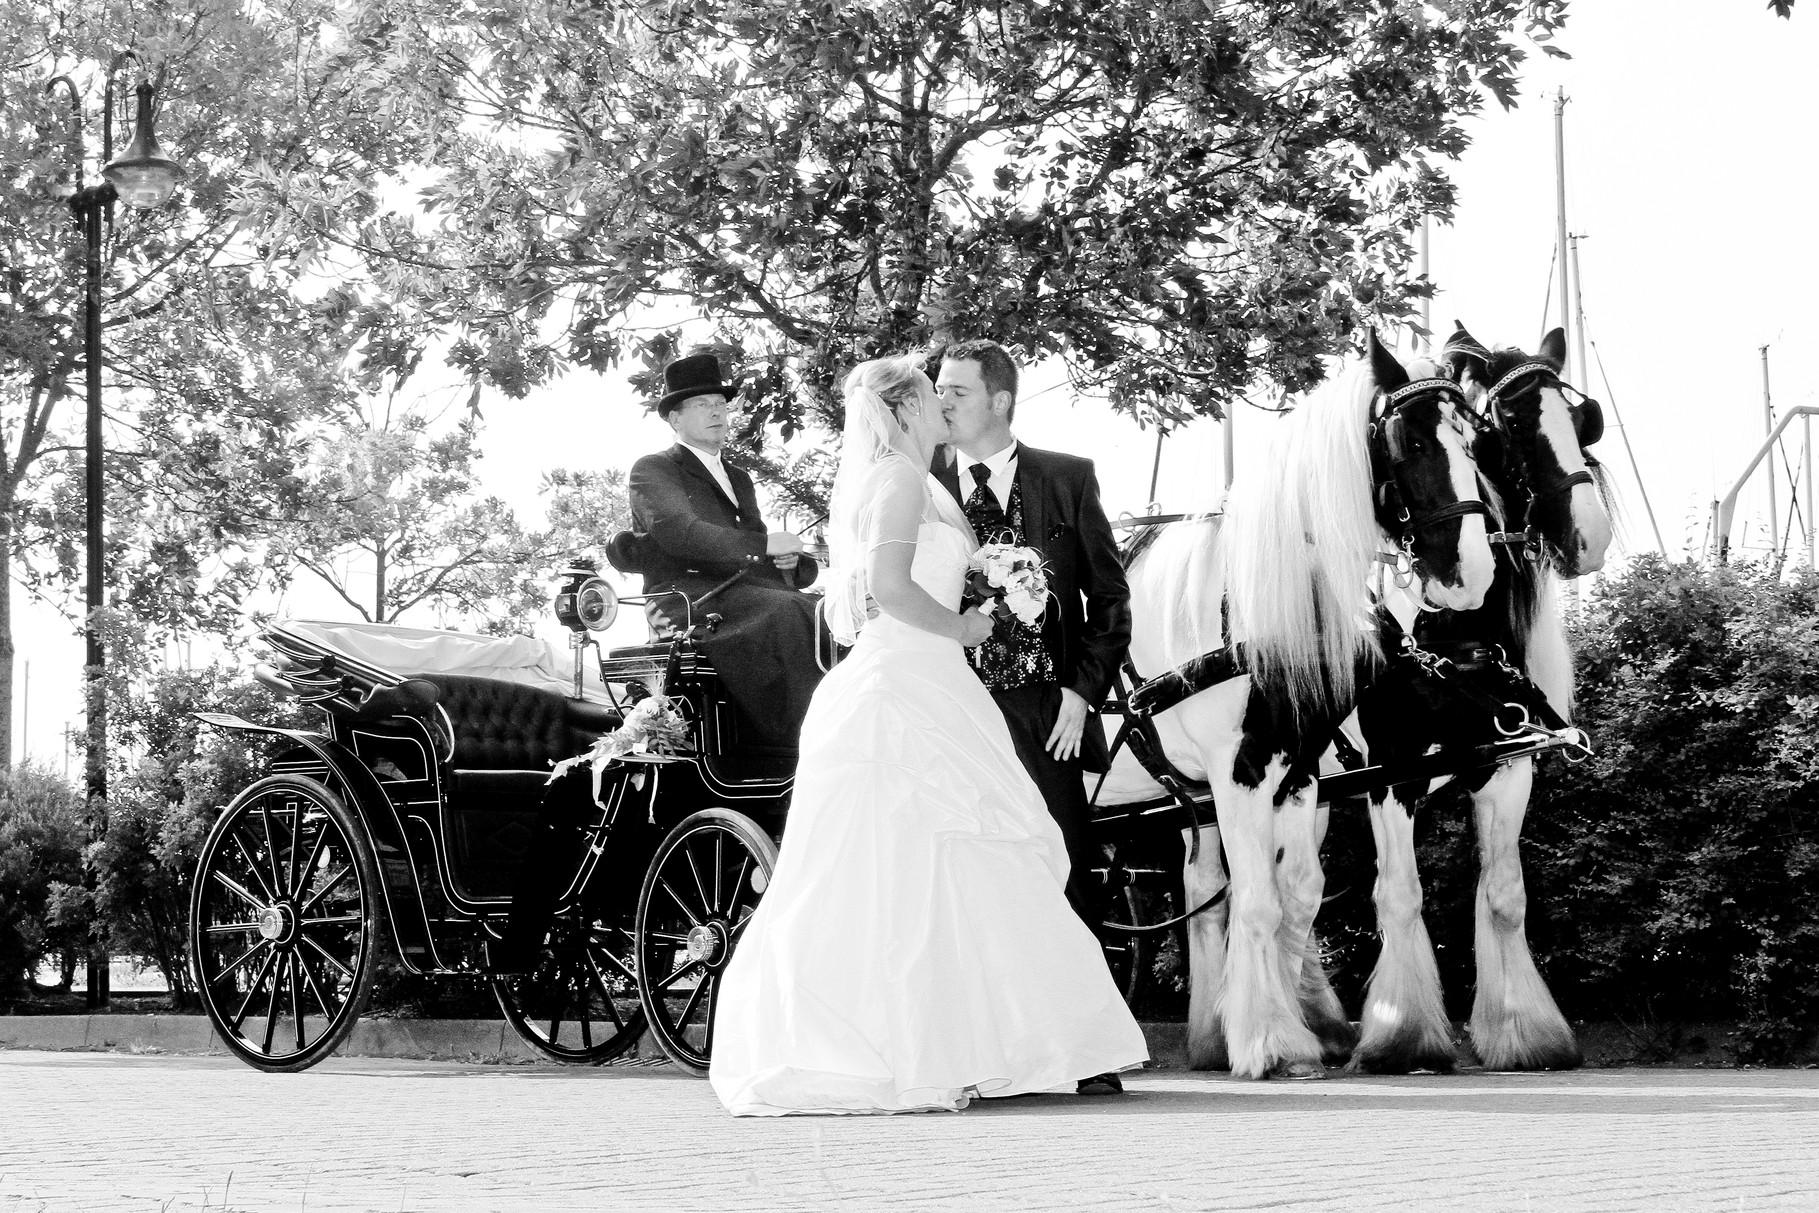 Hochzeitskutsche im Stadthafen Rostock /mit freundlicher Genehmigung des Brautpaares